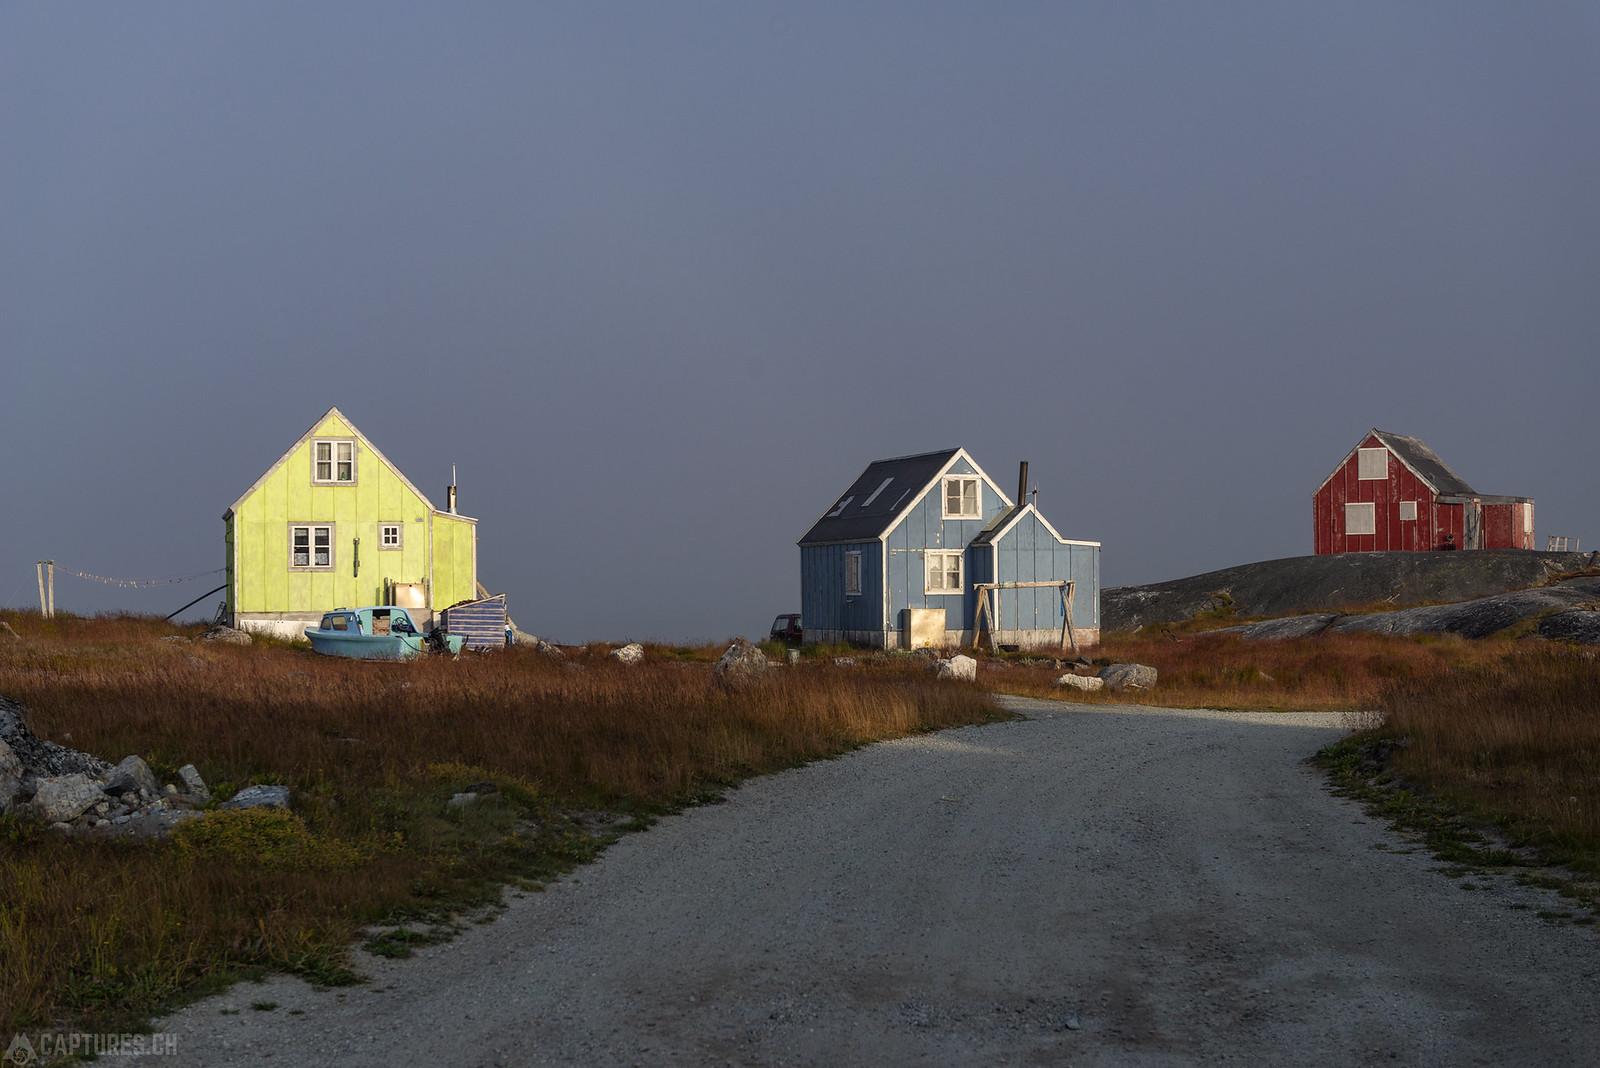 Colorful houses in Nanortalik - Nanortalik